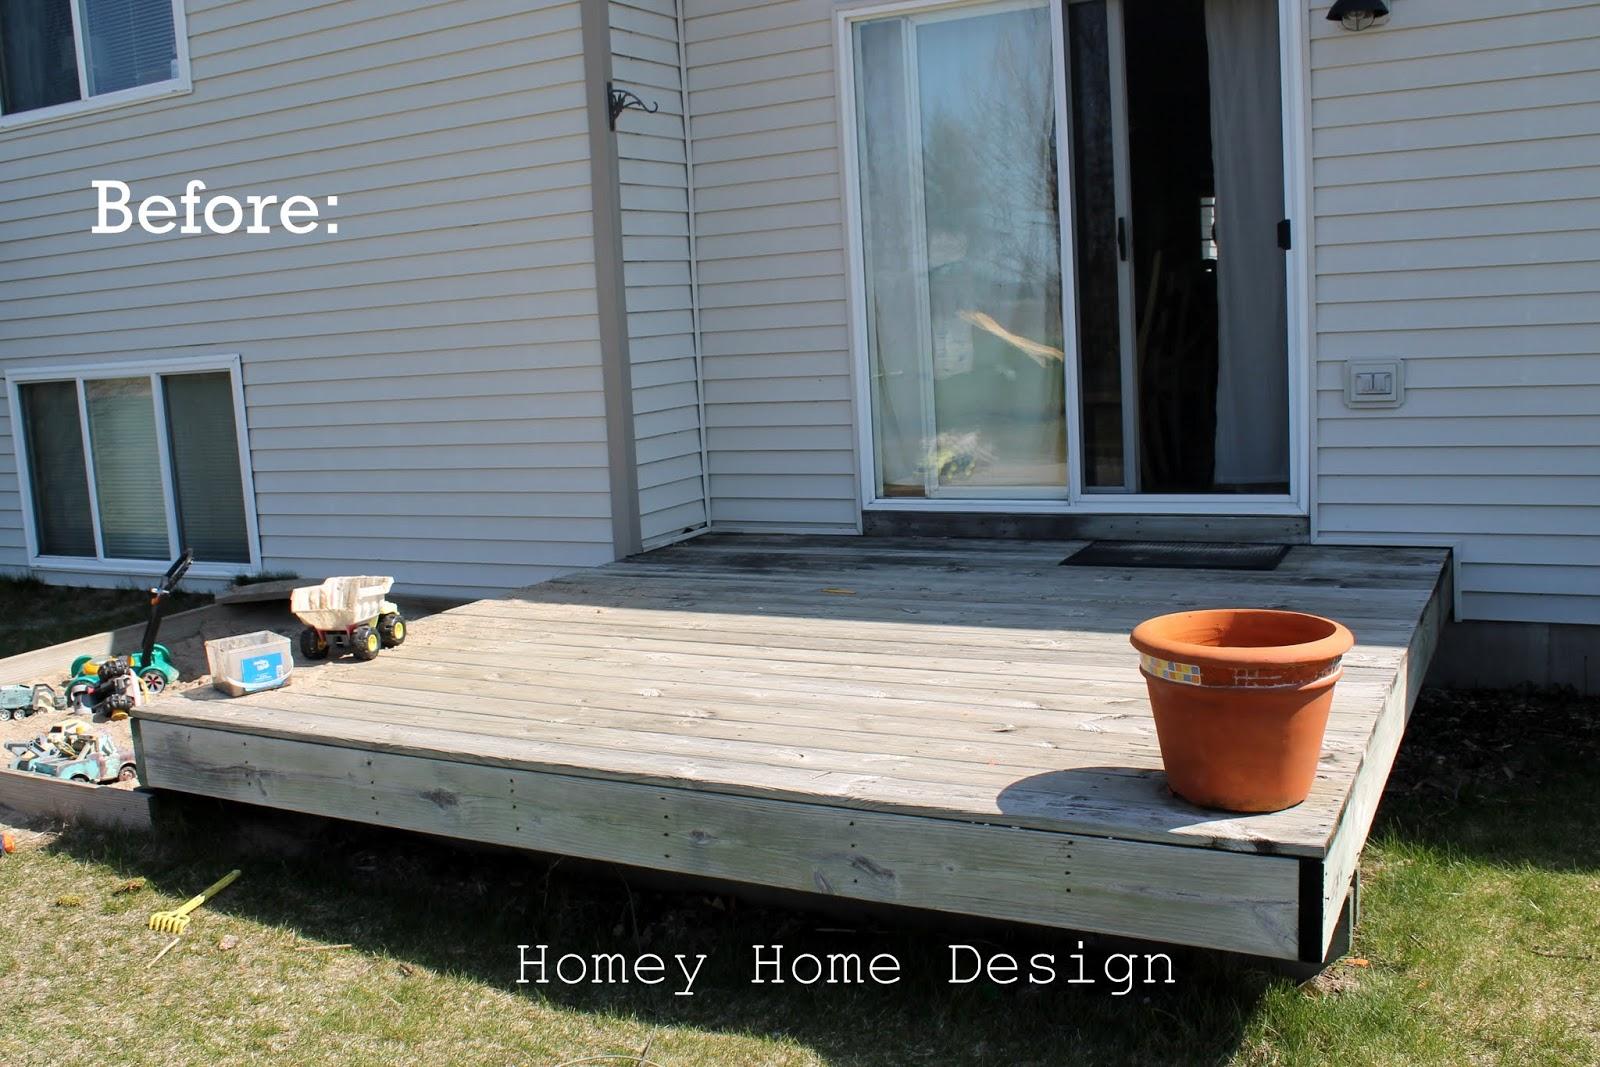 homey home design: Deck Redo Part One